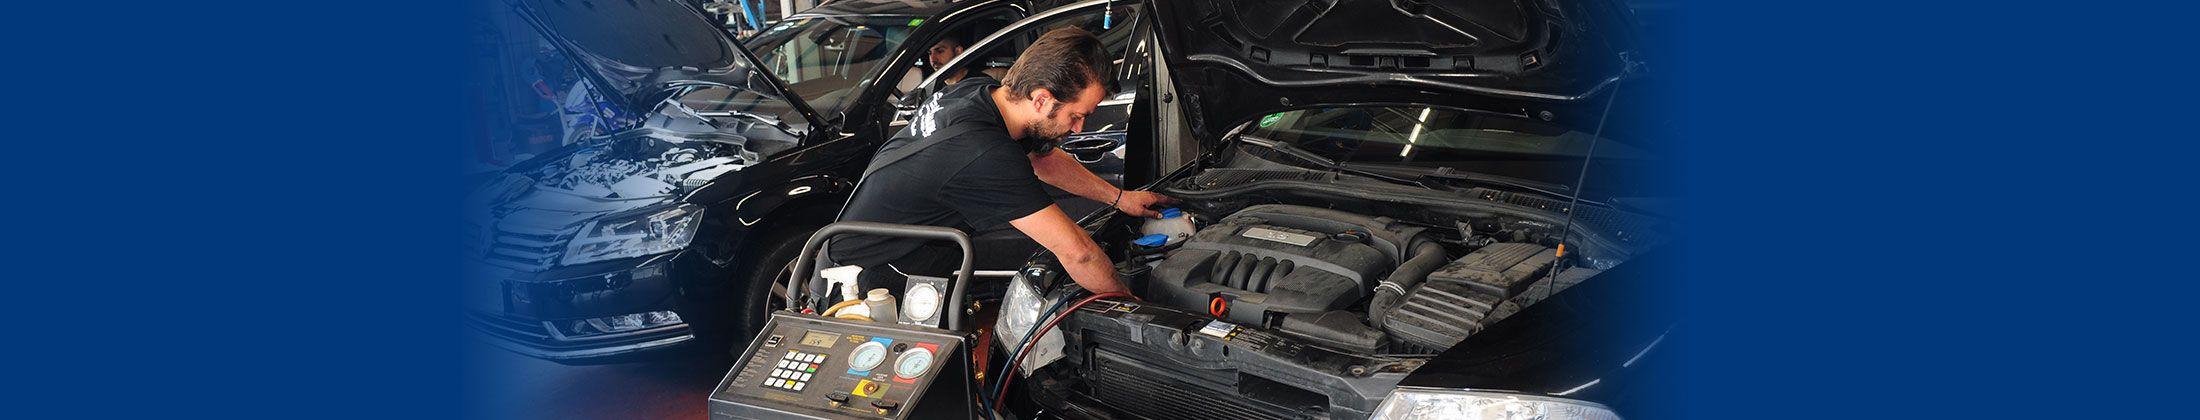 Autowerkstatt Altenriet, Pliezhausen, Walddorfhäslach: Wir bringen Ihr Auto über den TÜV